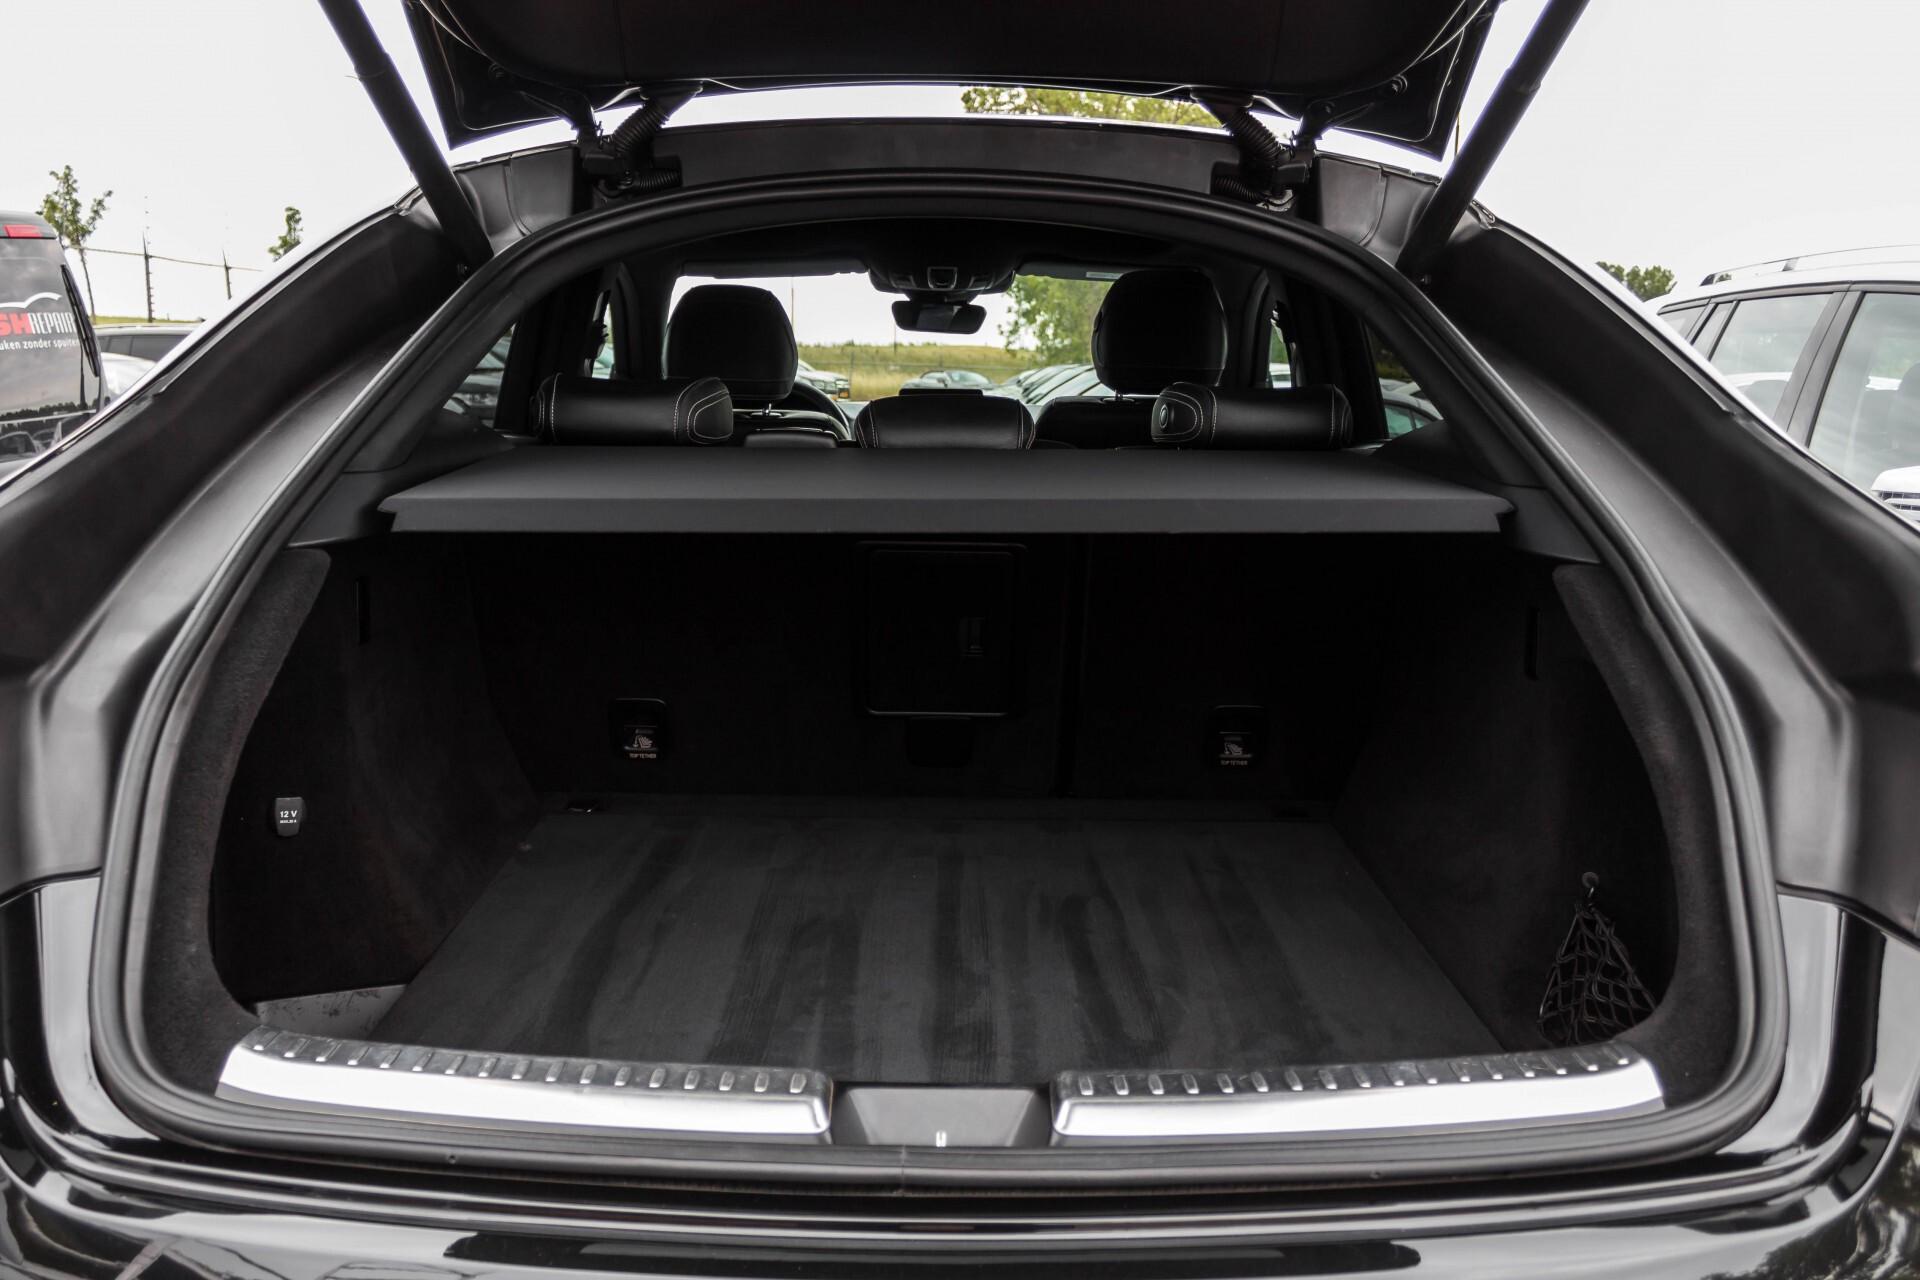 Mercedes-Benz GLE-Klasse Coupé 350 d 4-M AMG Luchtvering/Distronic/Panorama/Mem/Trekhaak Aut9 Foto 65